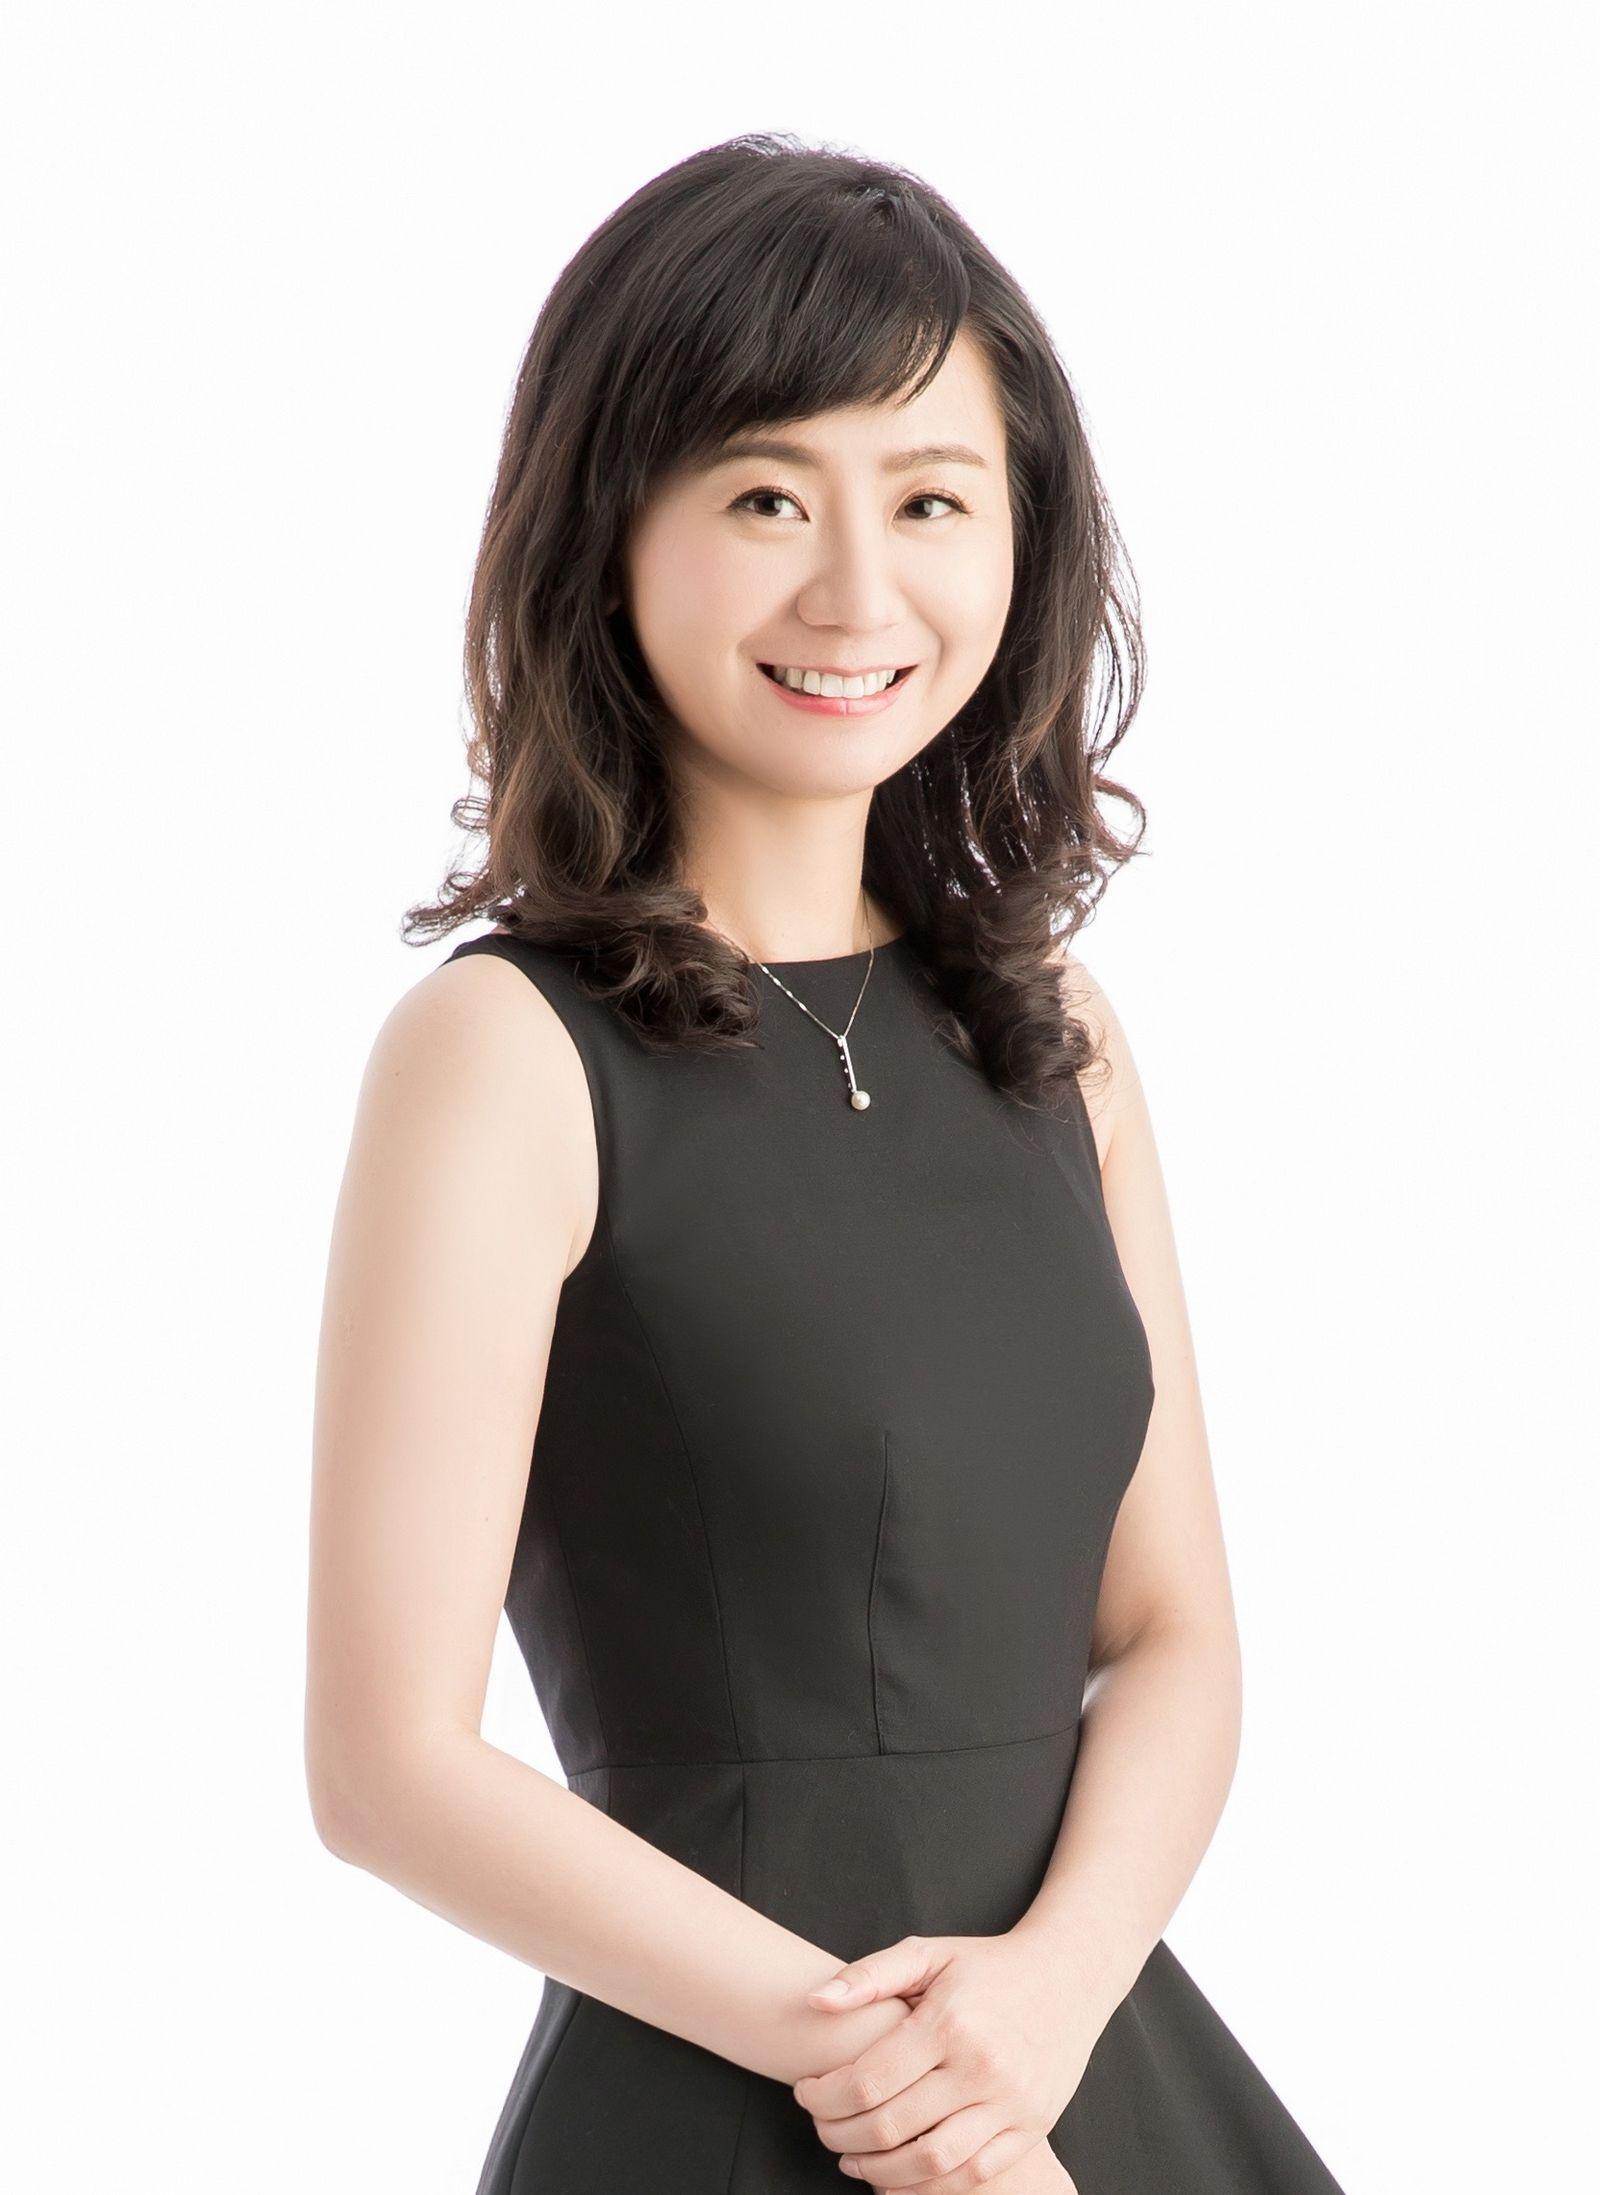 專欄作家 - 李怡萱